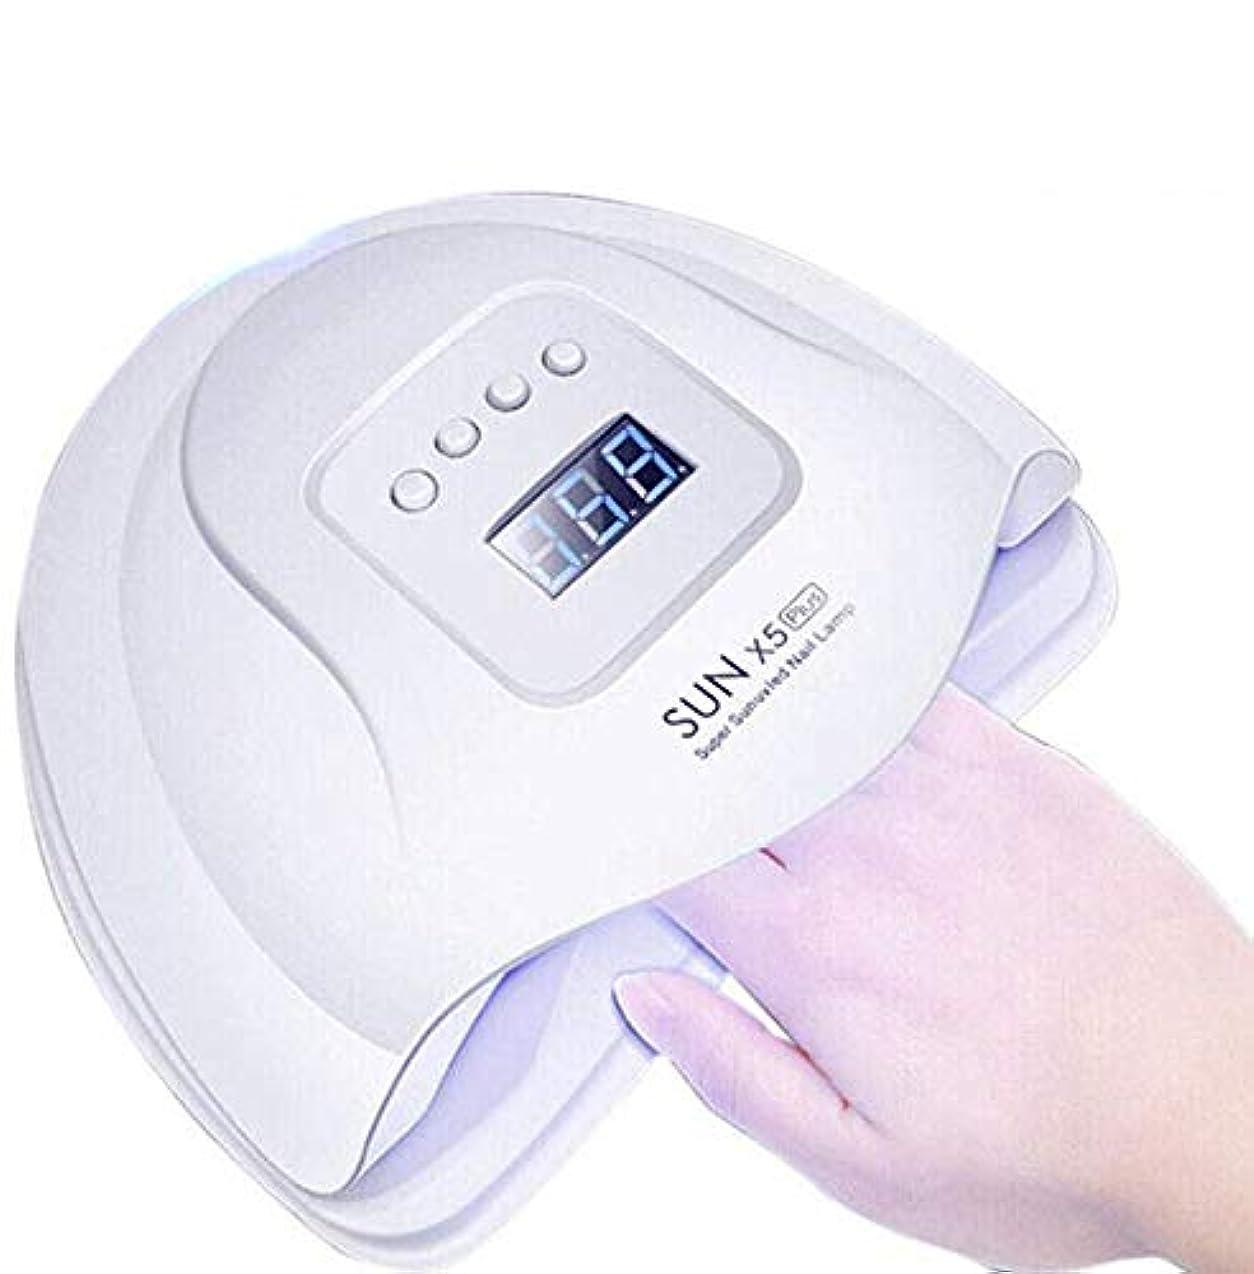 品拡散するネックレットネイルドライヤー ジェルネイル ライト UV LED 硬化用UVライト,80W ハイパワー 速乾ネイルランプ LEDジェルポリッシュネイルランプドライヤーマニキュアペディキュア,四つタイマー設定可能,自動センサー機能